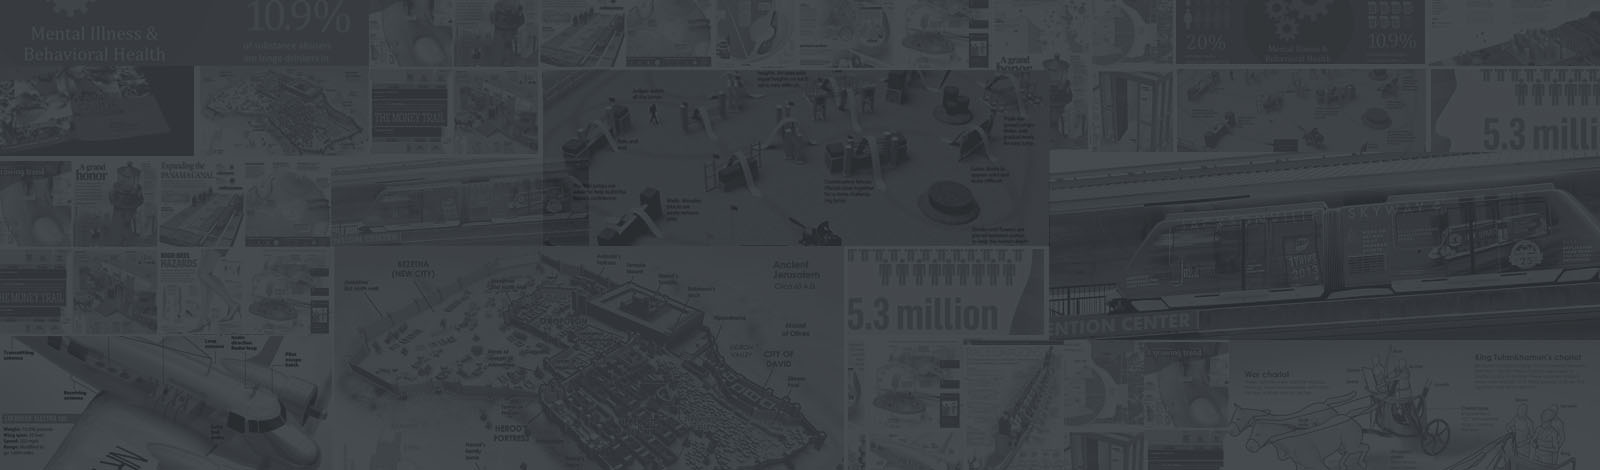 KarBel 2016 Infographic Design Highlights